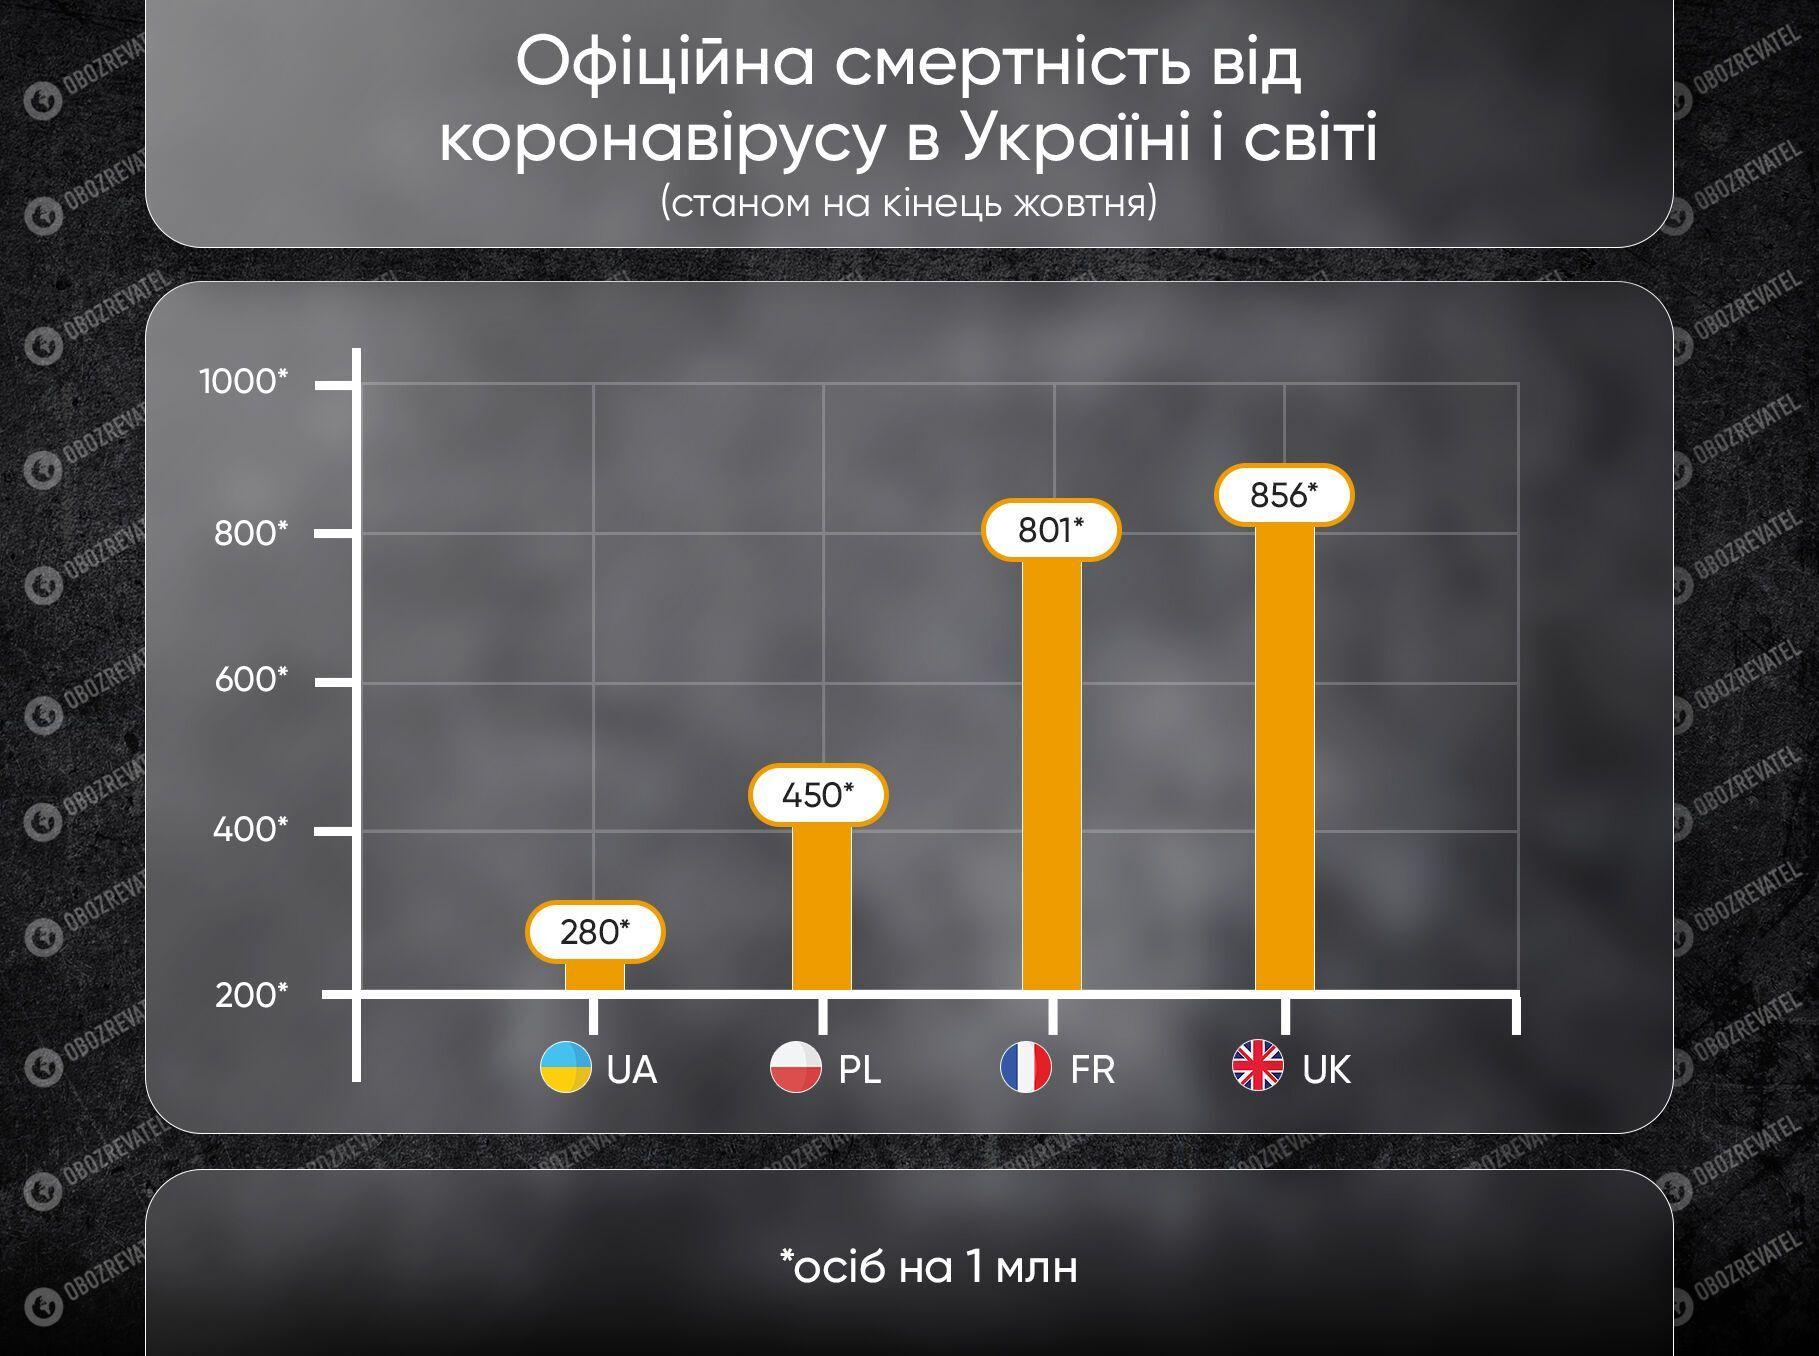 Коронавірус в Україні і світі